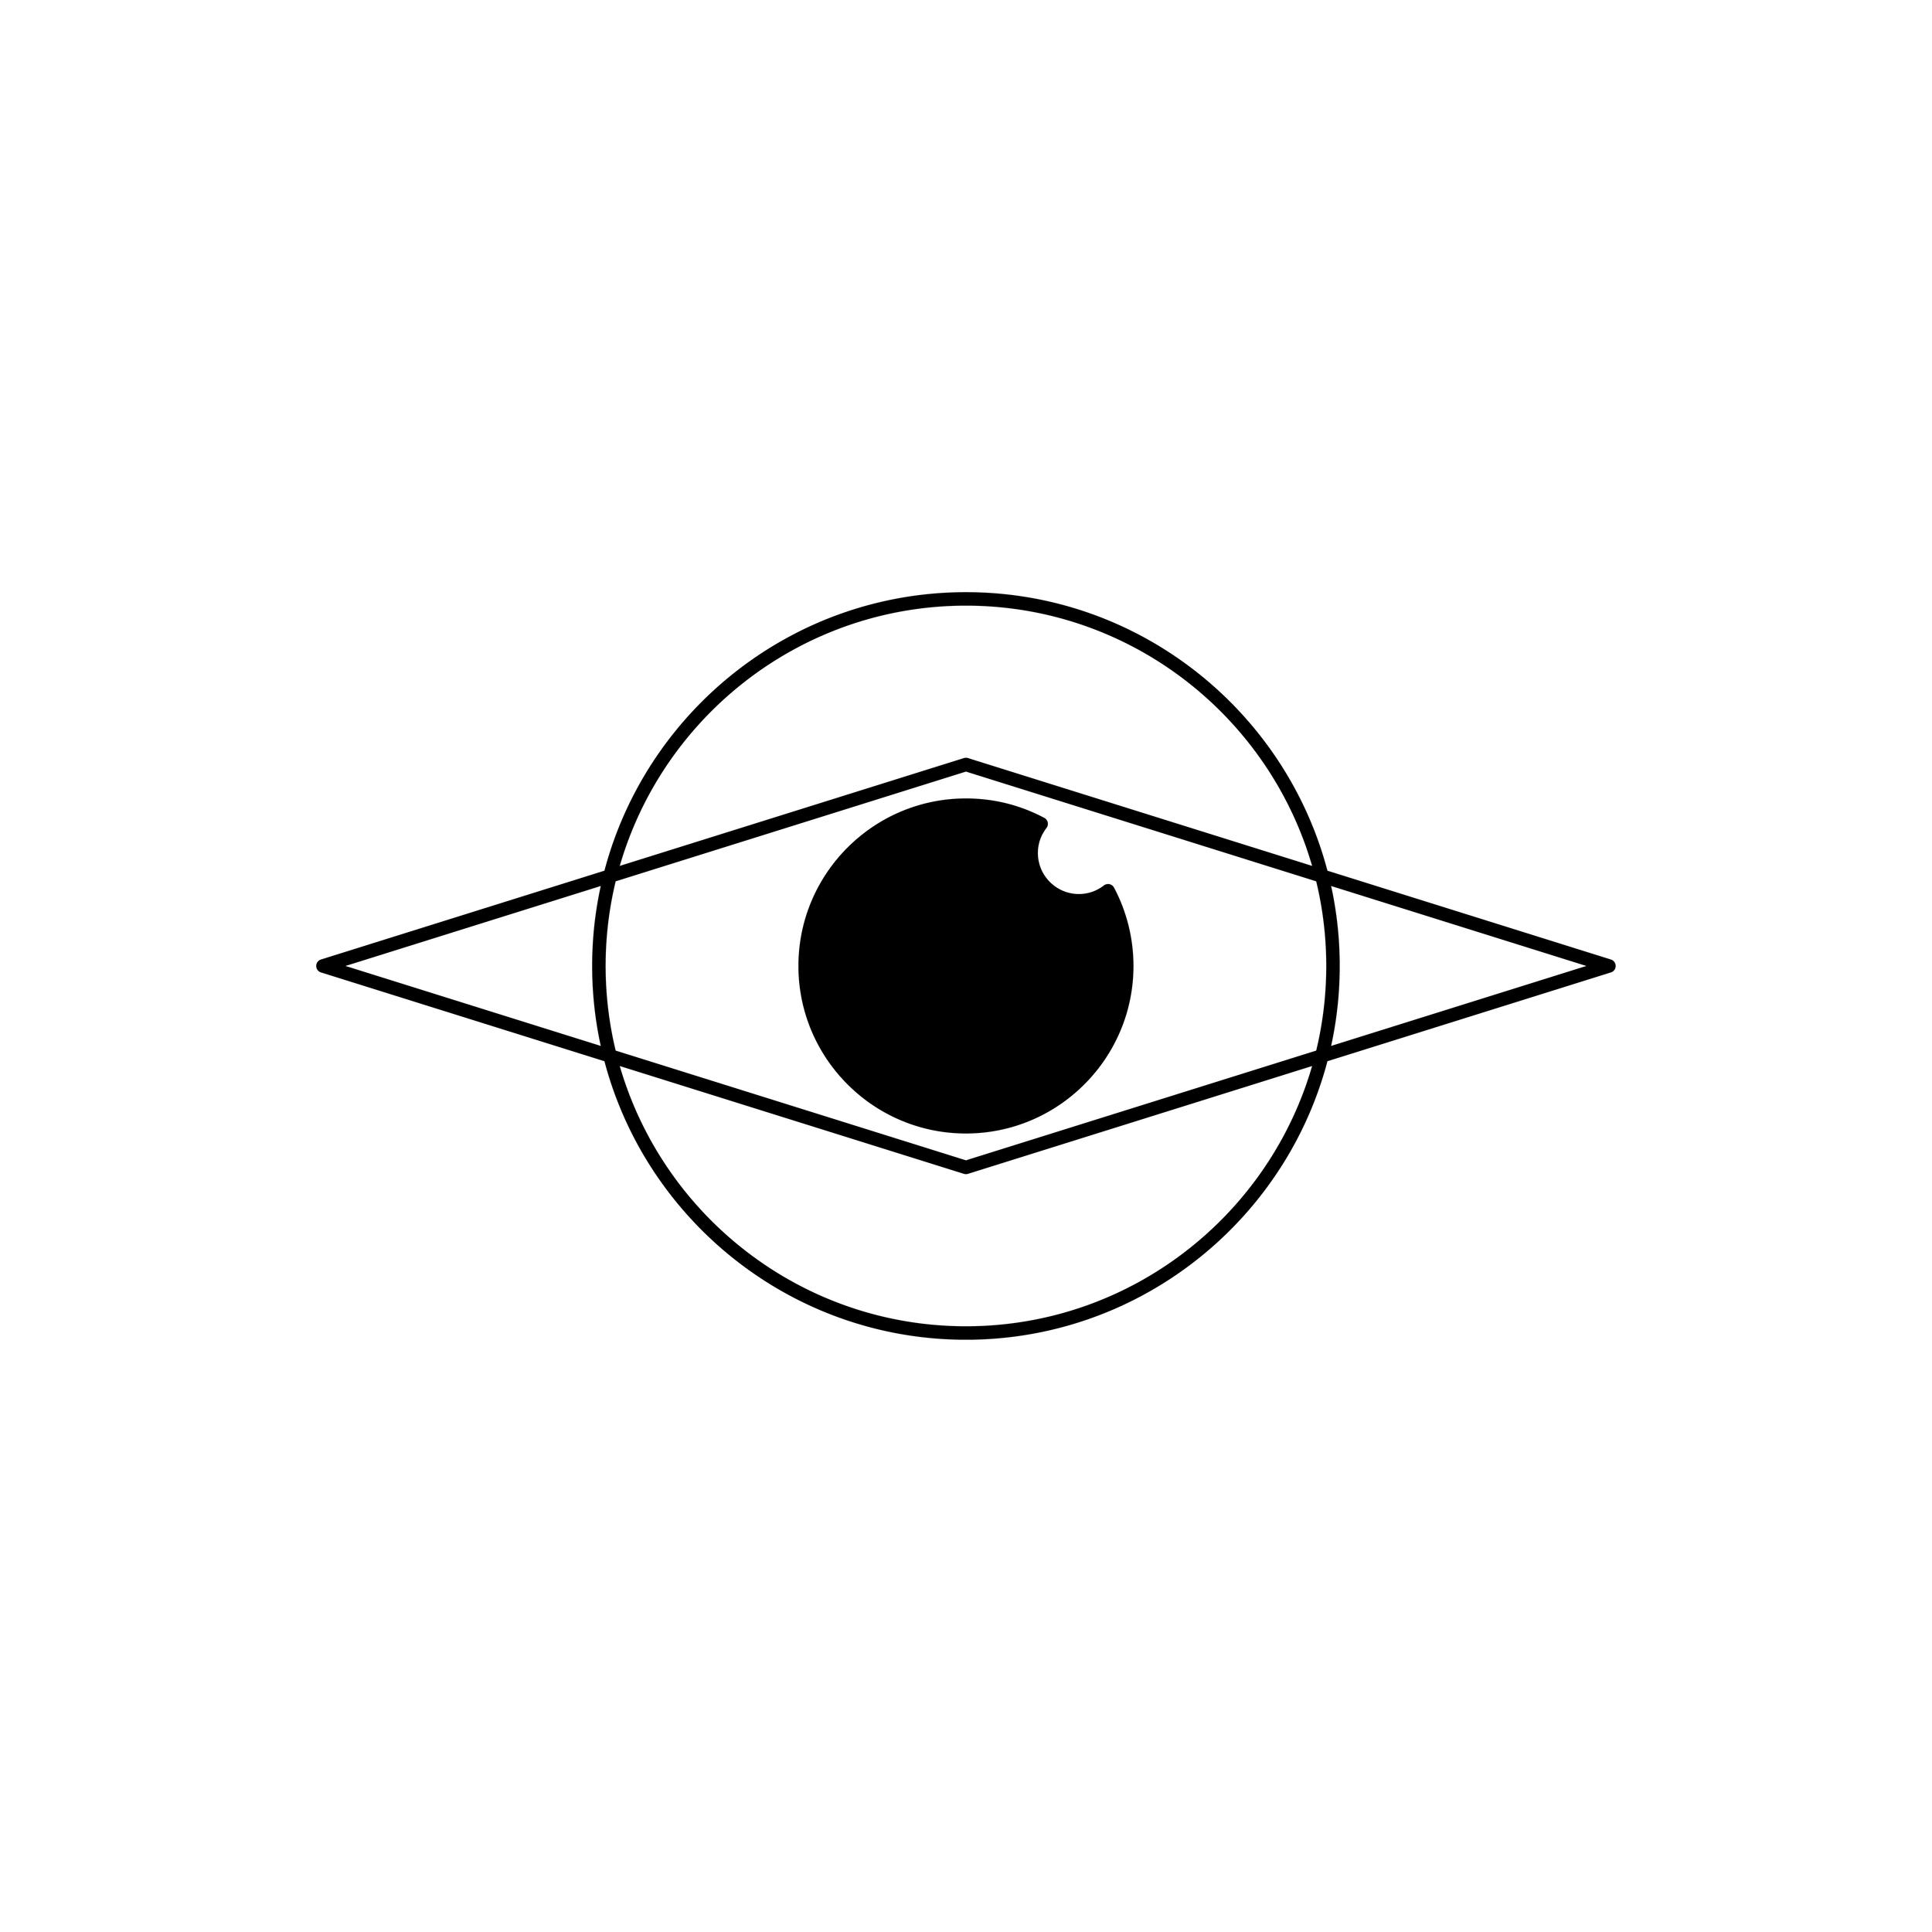 eyes-16.jpg